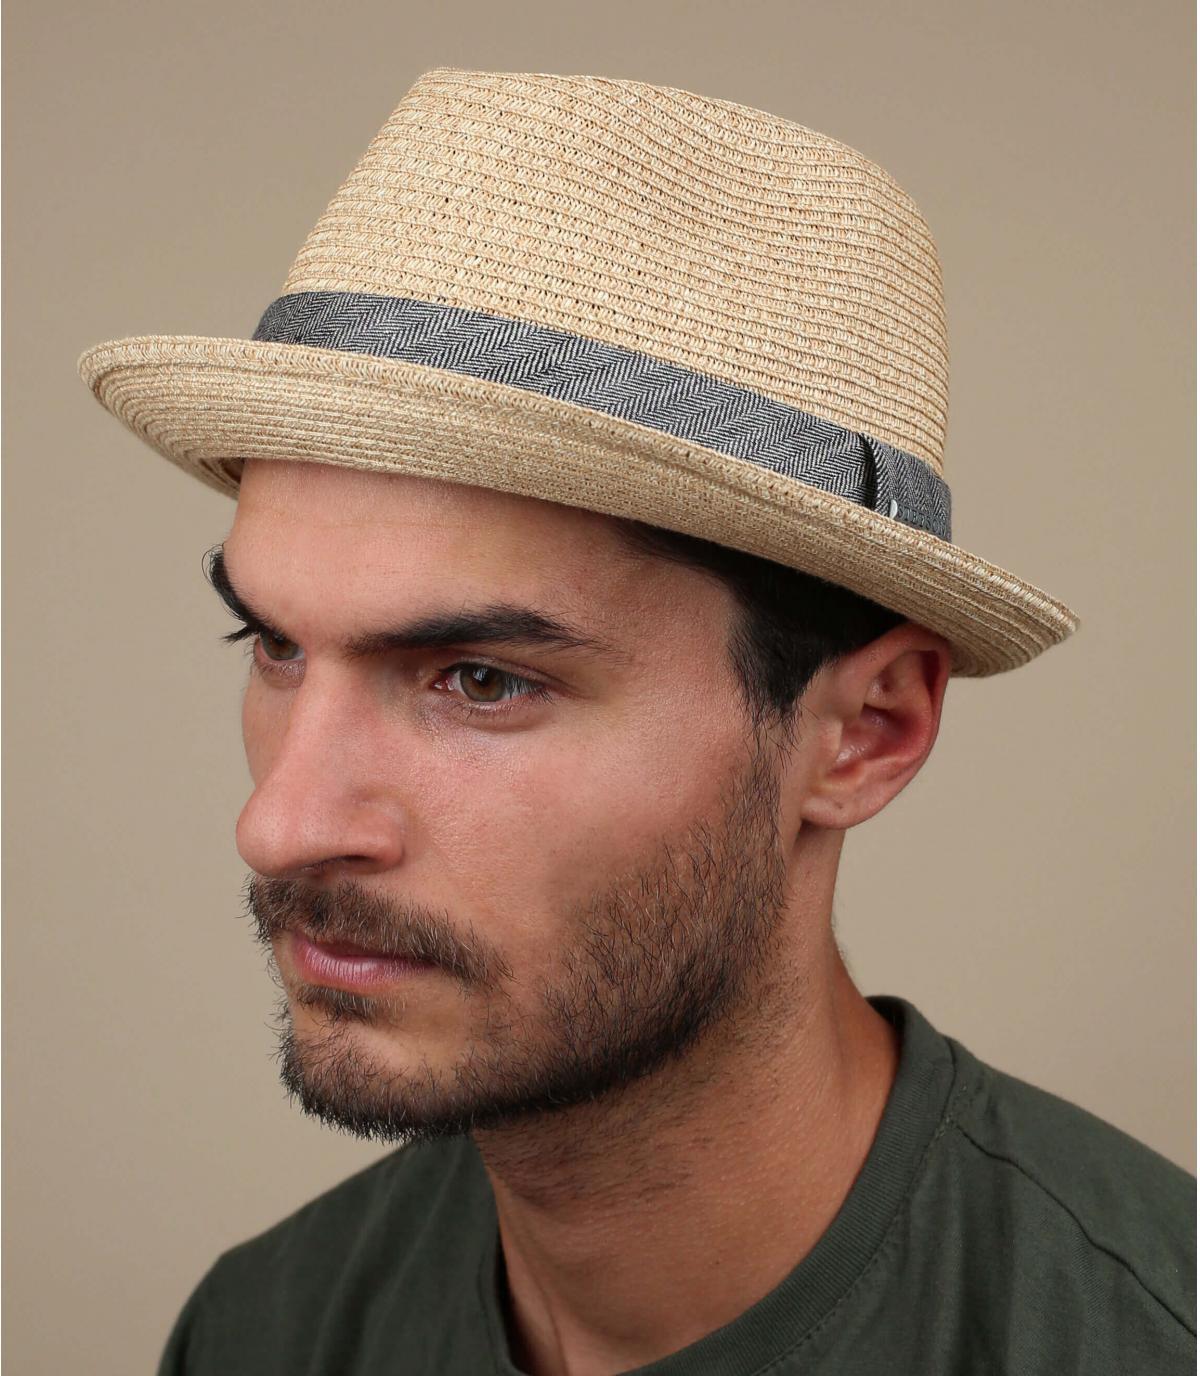 Stetson sombrero flexible trenza de la paja